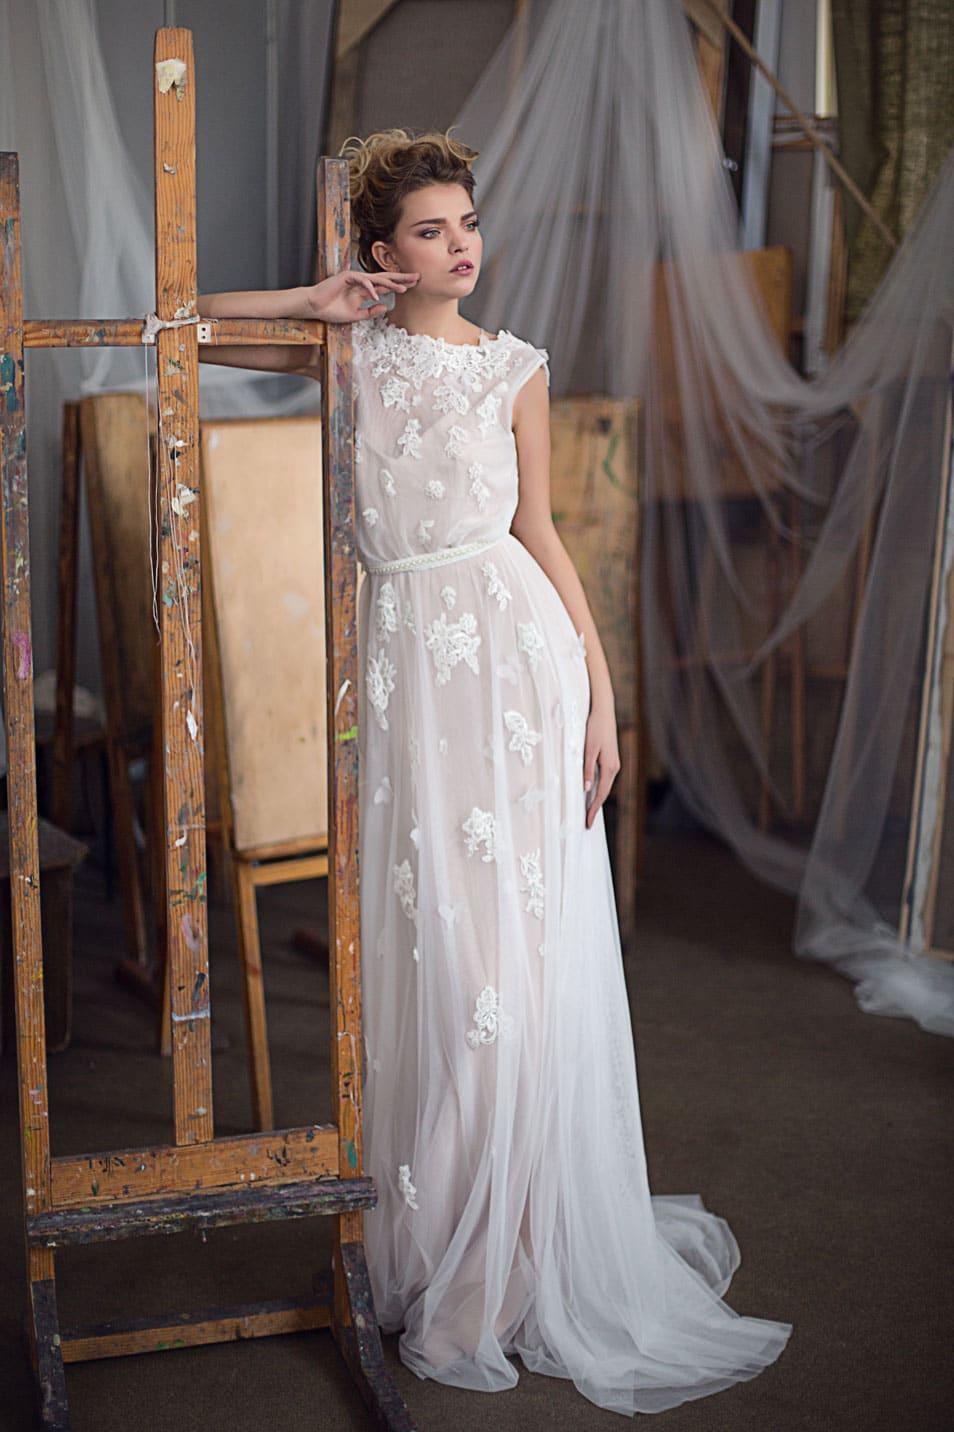 02a84a4f996 Свадебное платье в греческом стиле Valentina Gladun Konstanta ...